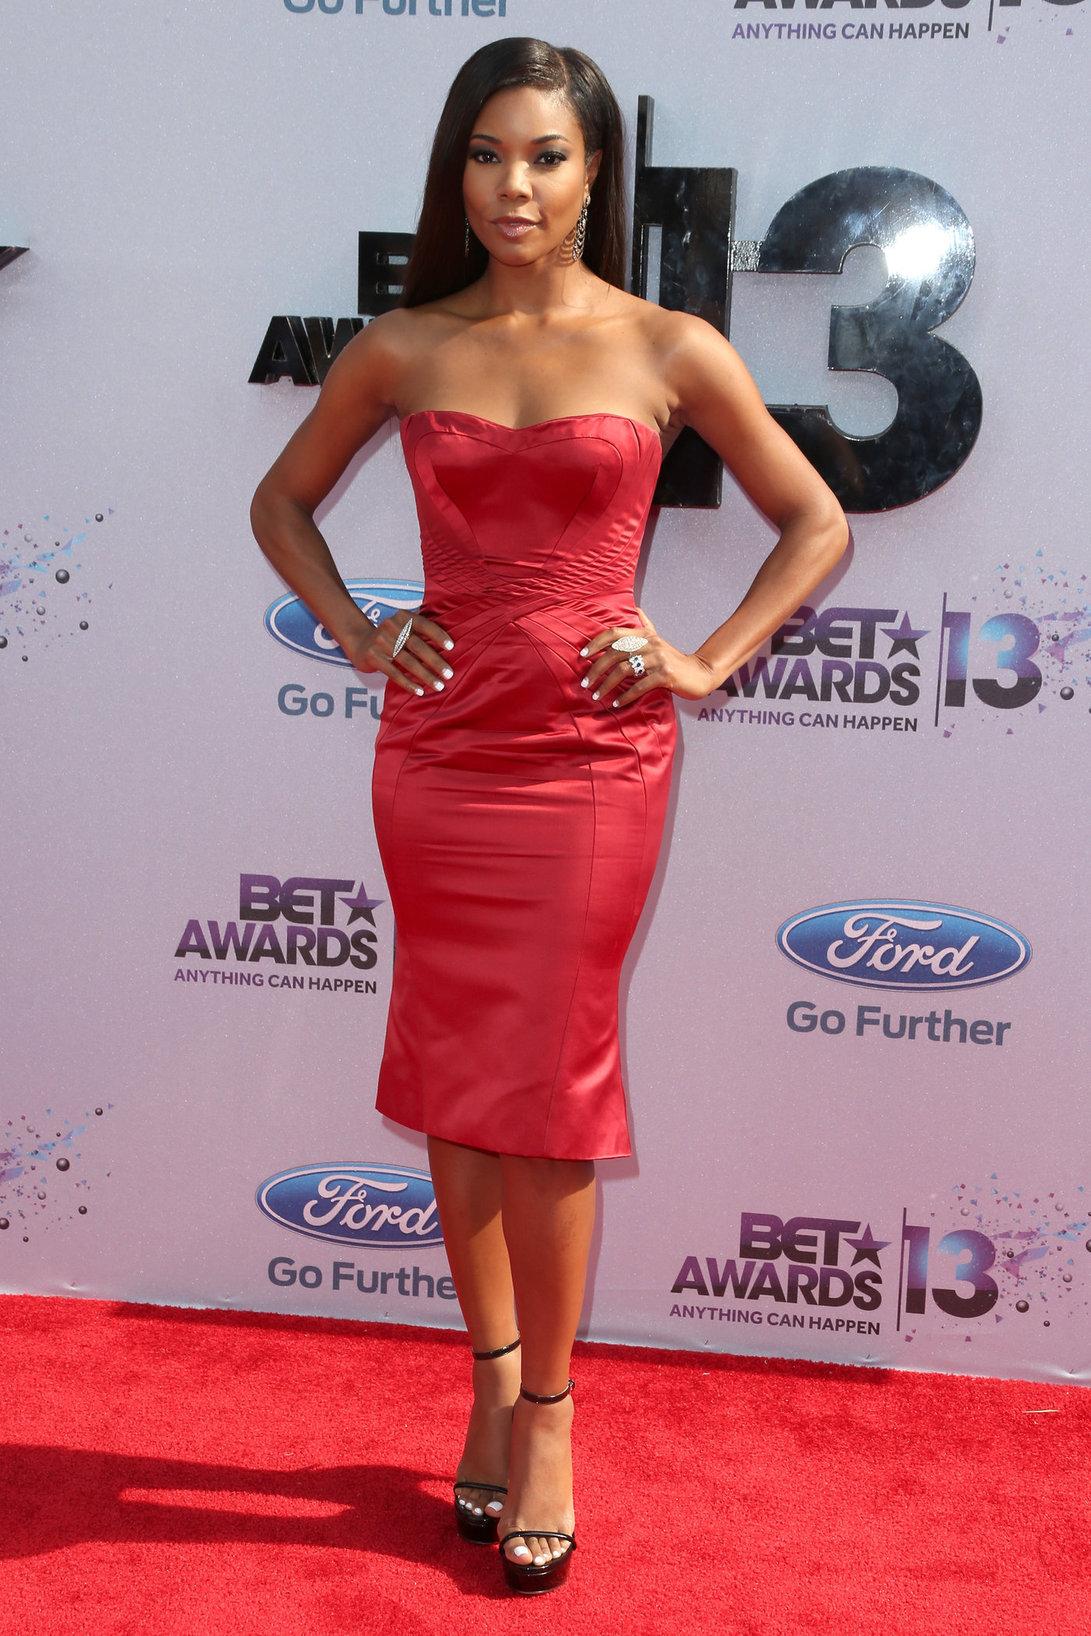 Gabrielle Union Gabrielle Union - 2013 BET Awards at Nokia Theatre L.A. Live, arrivals - June 30, 2013